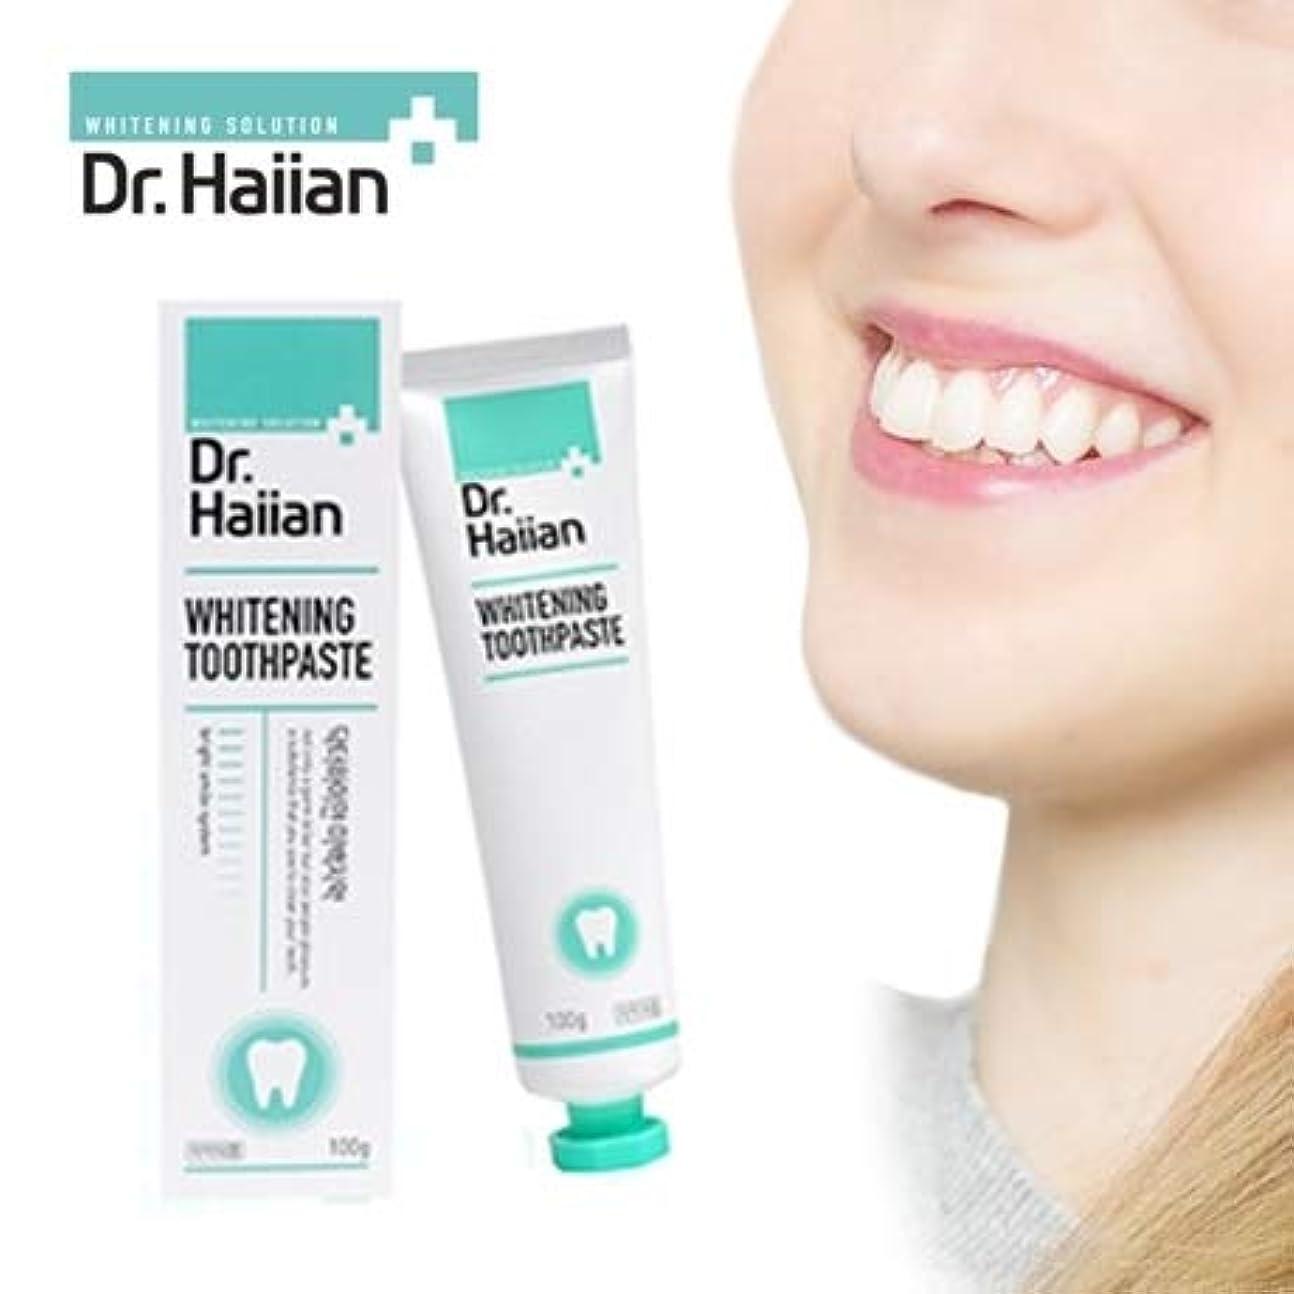 例競争不規則性Dr.Haiian WHITENING TOOTHPASTE ホワイトニング歯磨き粉 100g